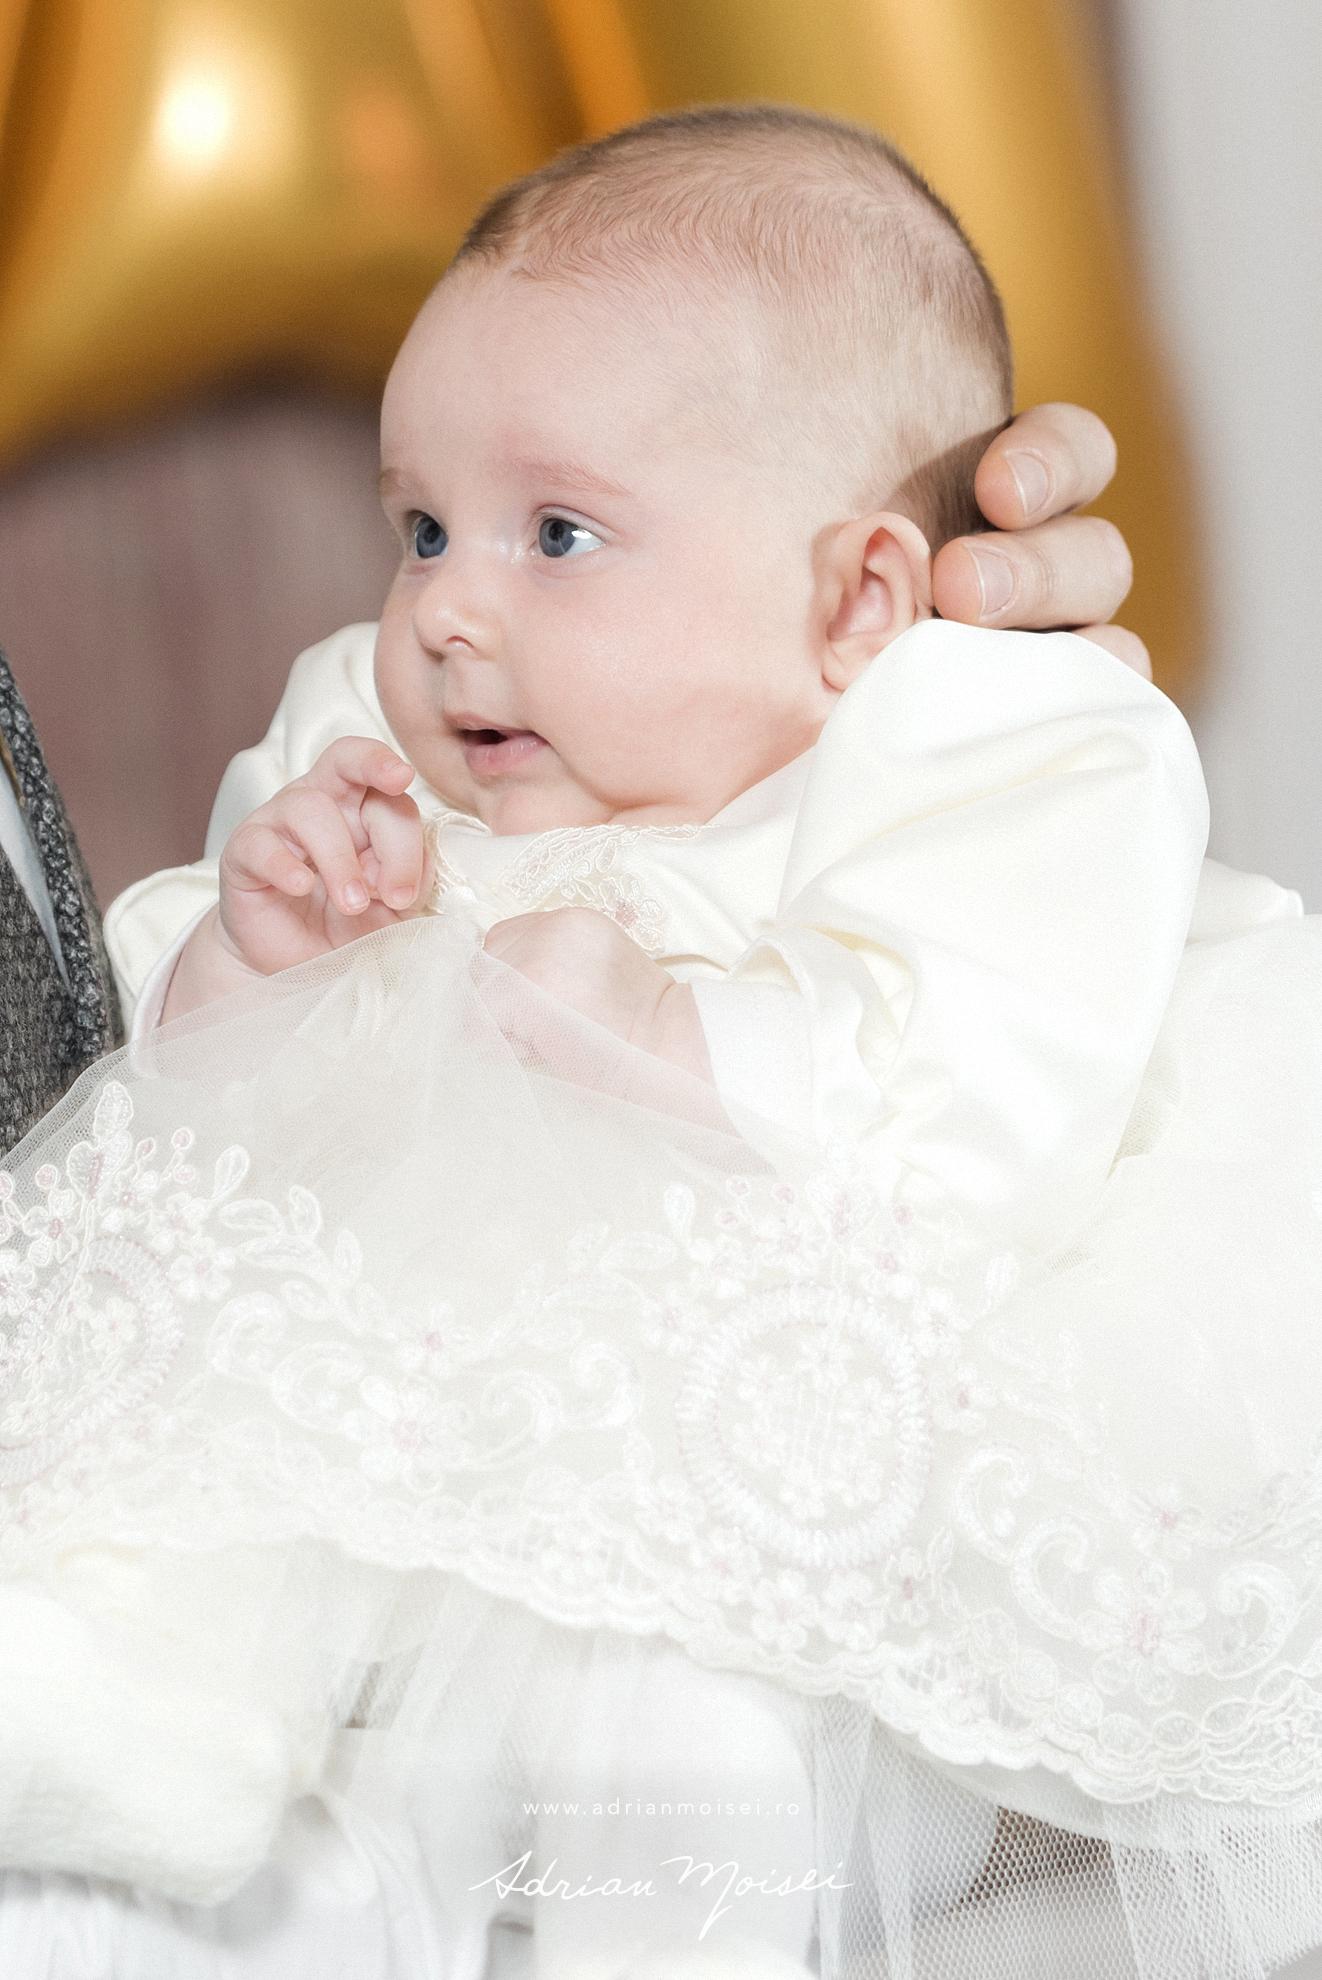 Fotograf de bebelusi de Adrian Moisei